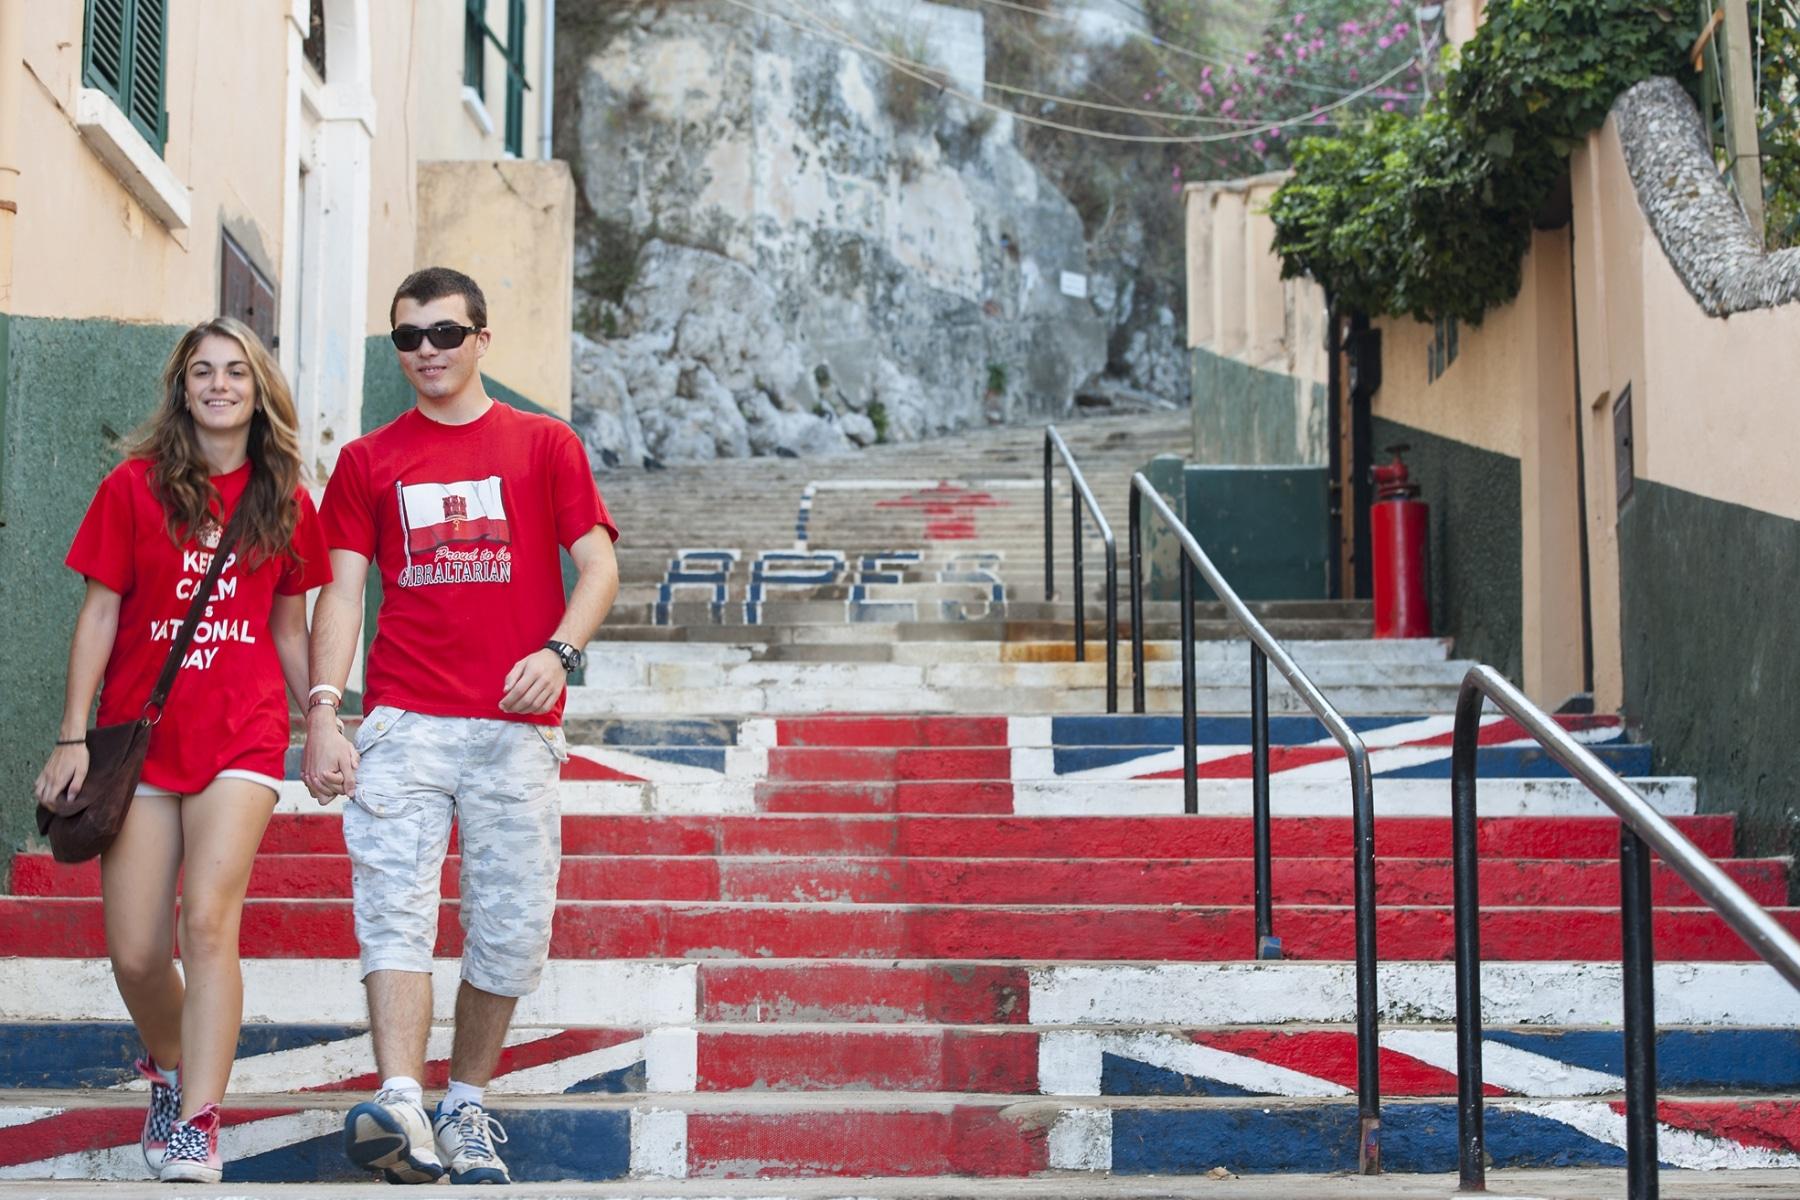 gibraltar-national-day-2013-marcos-moreno03_9717117269_o